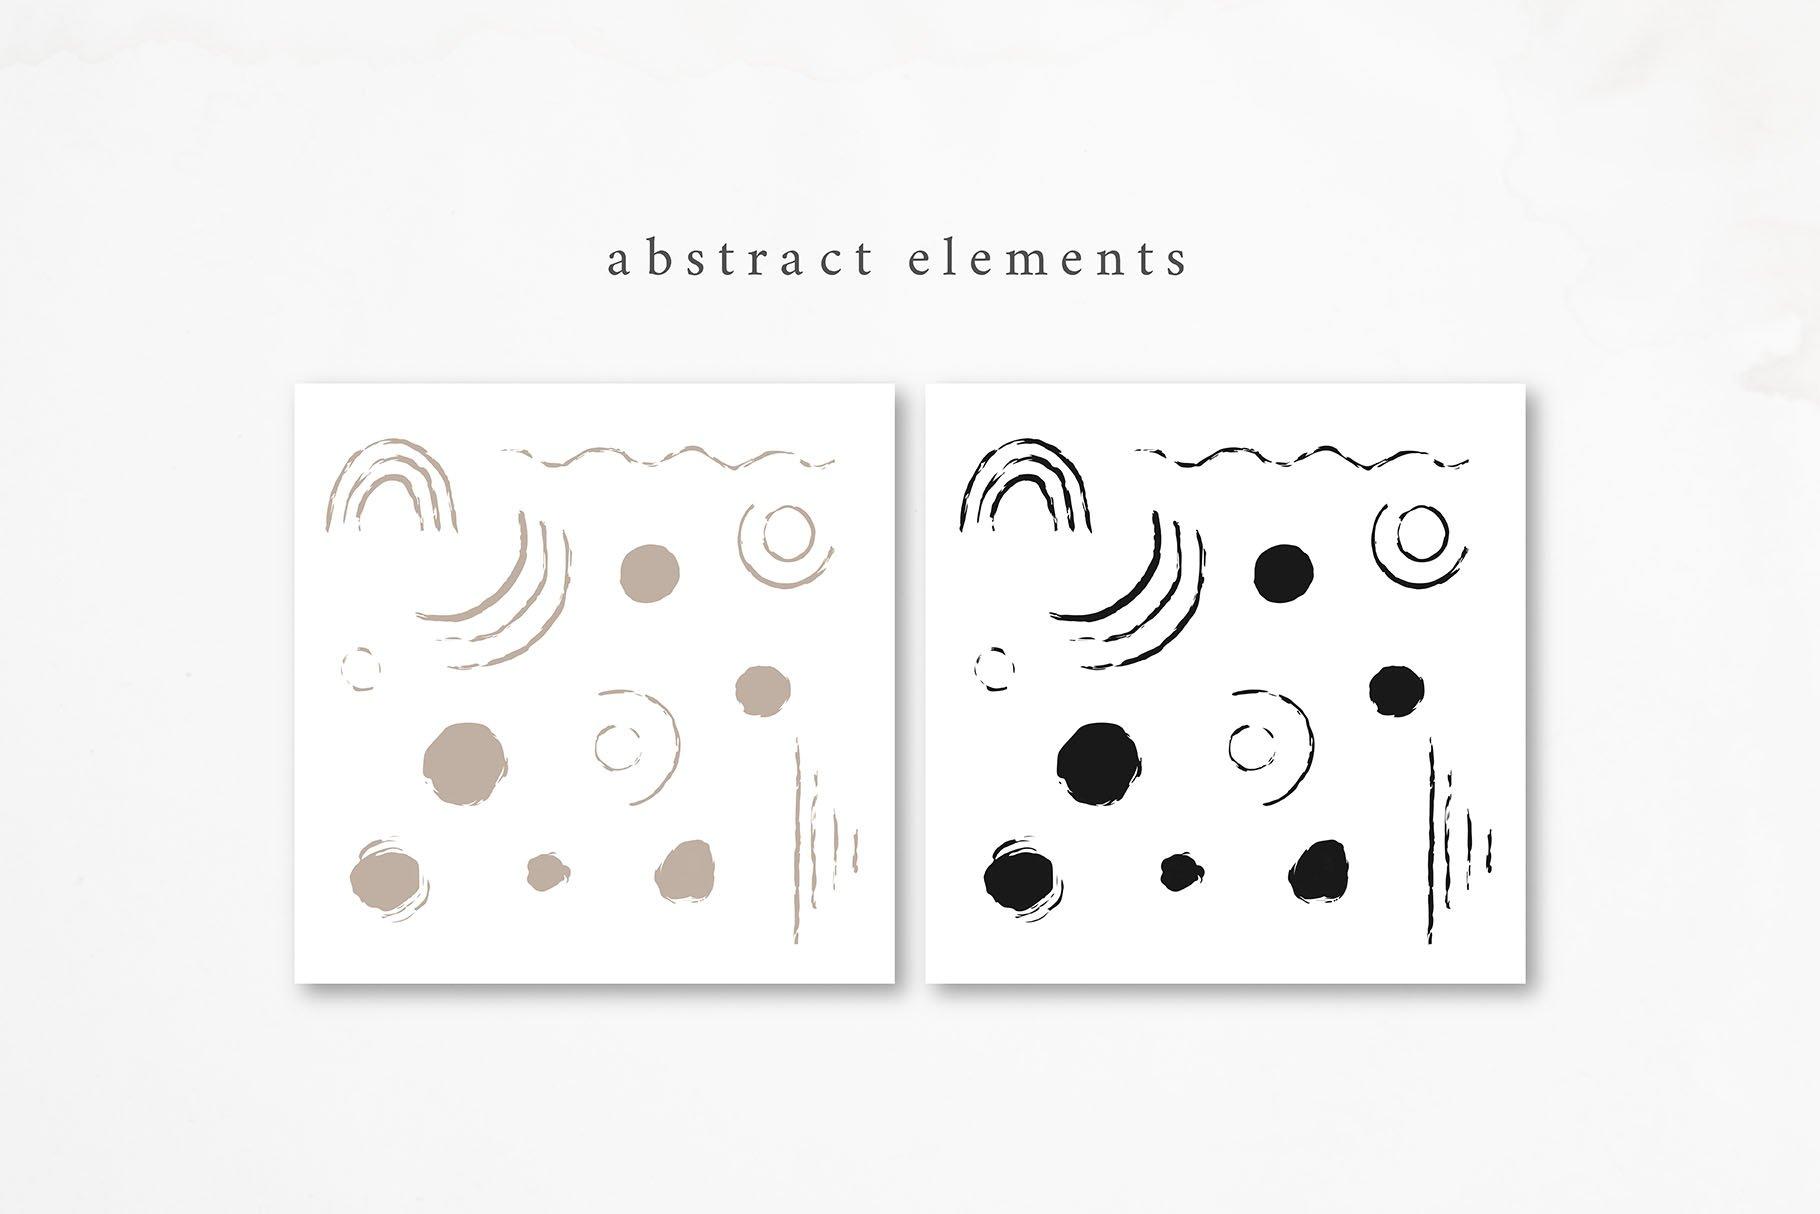 现代抽象肉桂树叶花卉矢量线条插图 Cinnamon. Modern Line Art Collection插图(8)